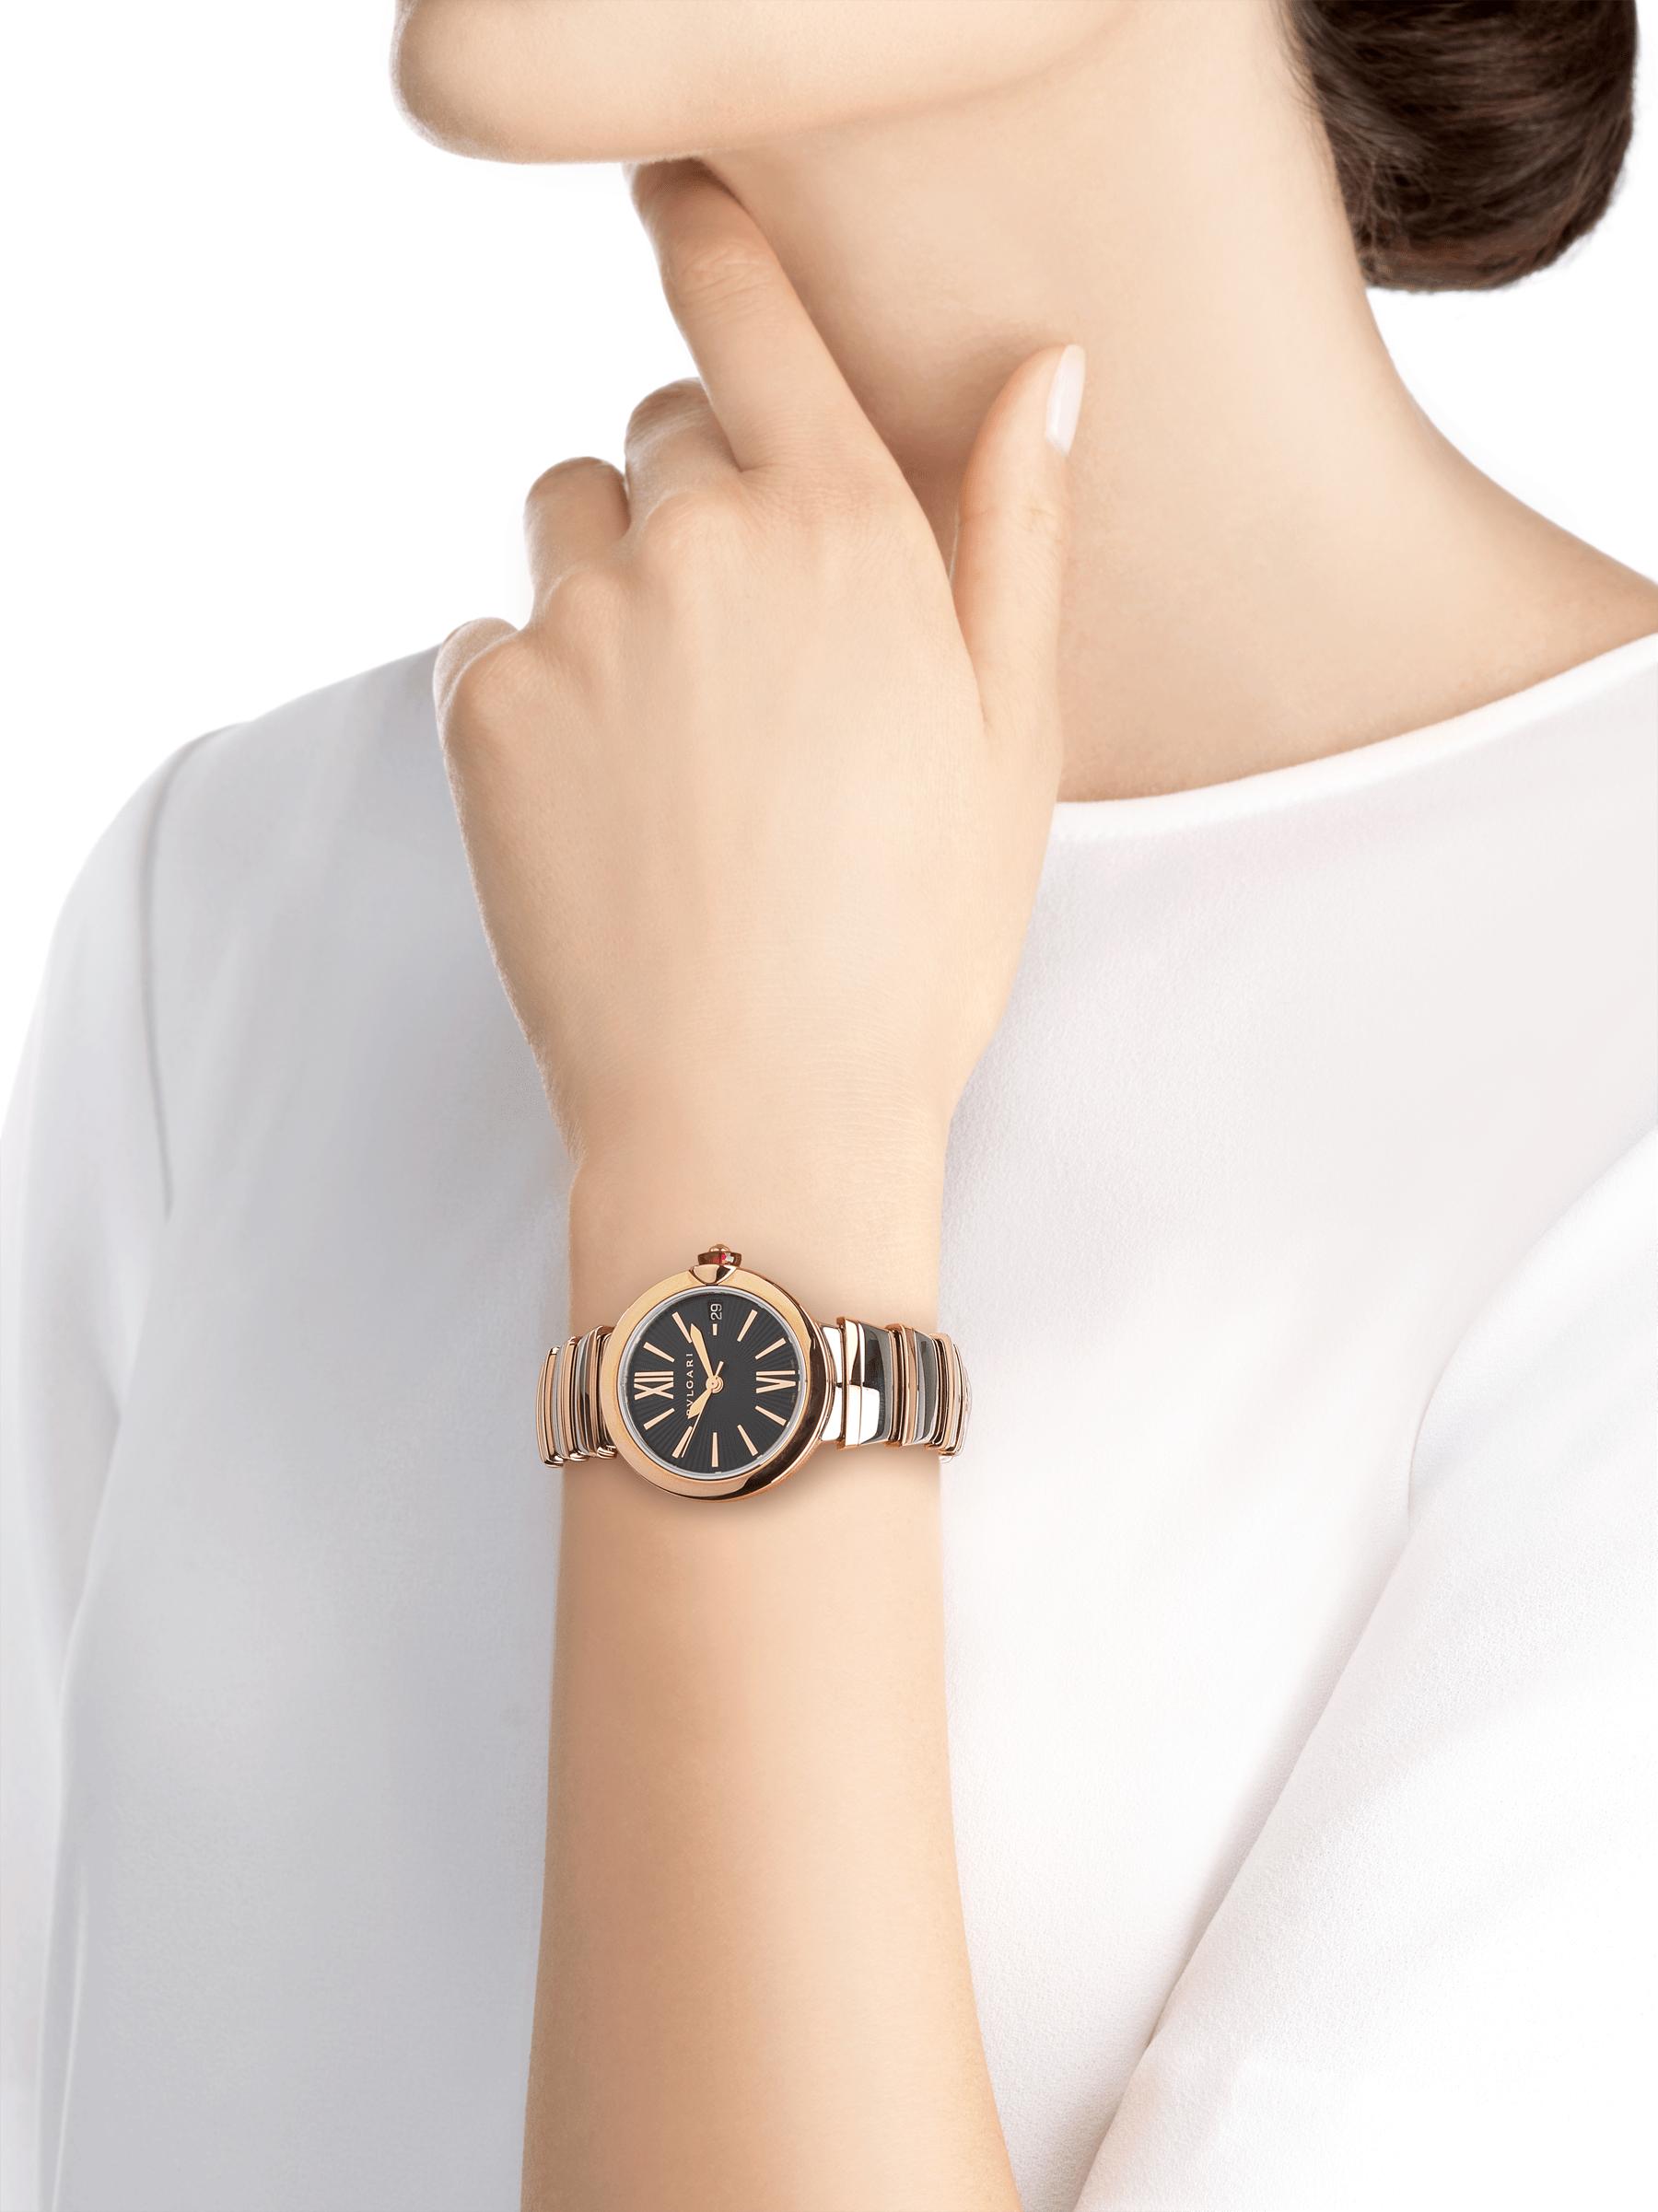 LVCEA 腕錶,18K 玫瑰金和精鋼錶殼及錶帶,黑色蛋白石錶盤。 102192 image 4